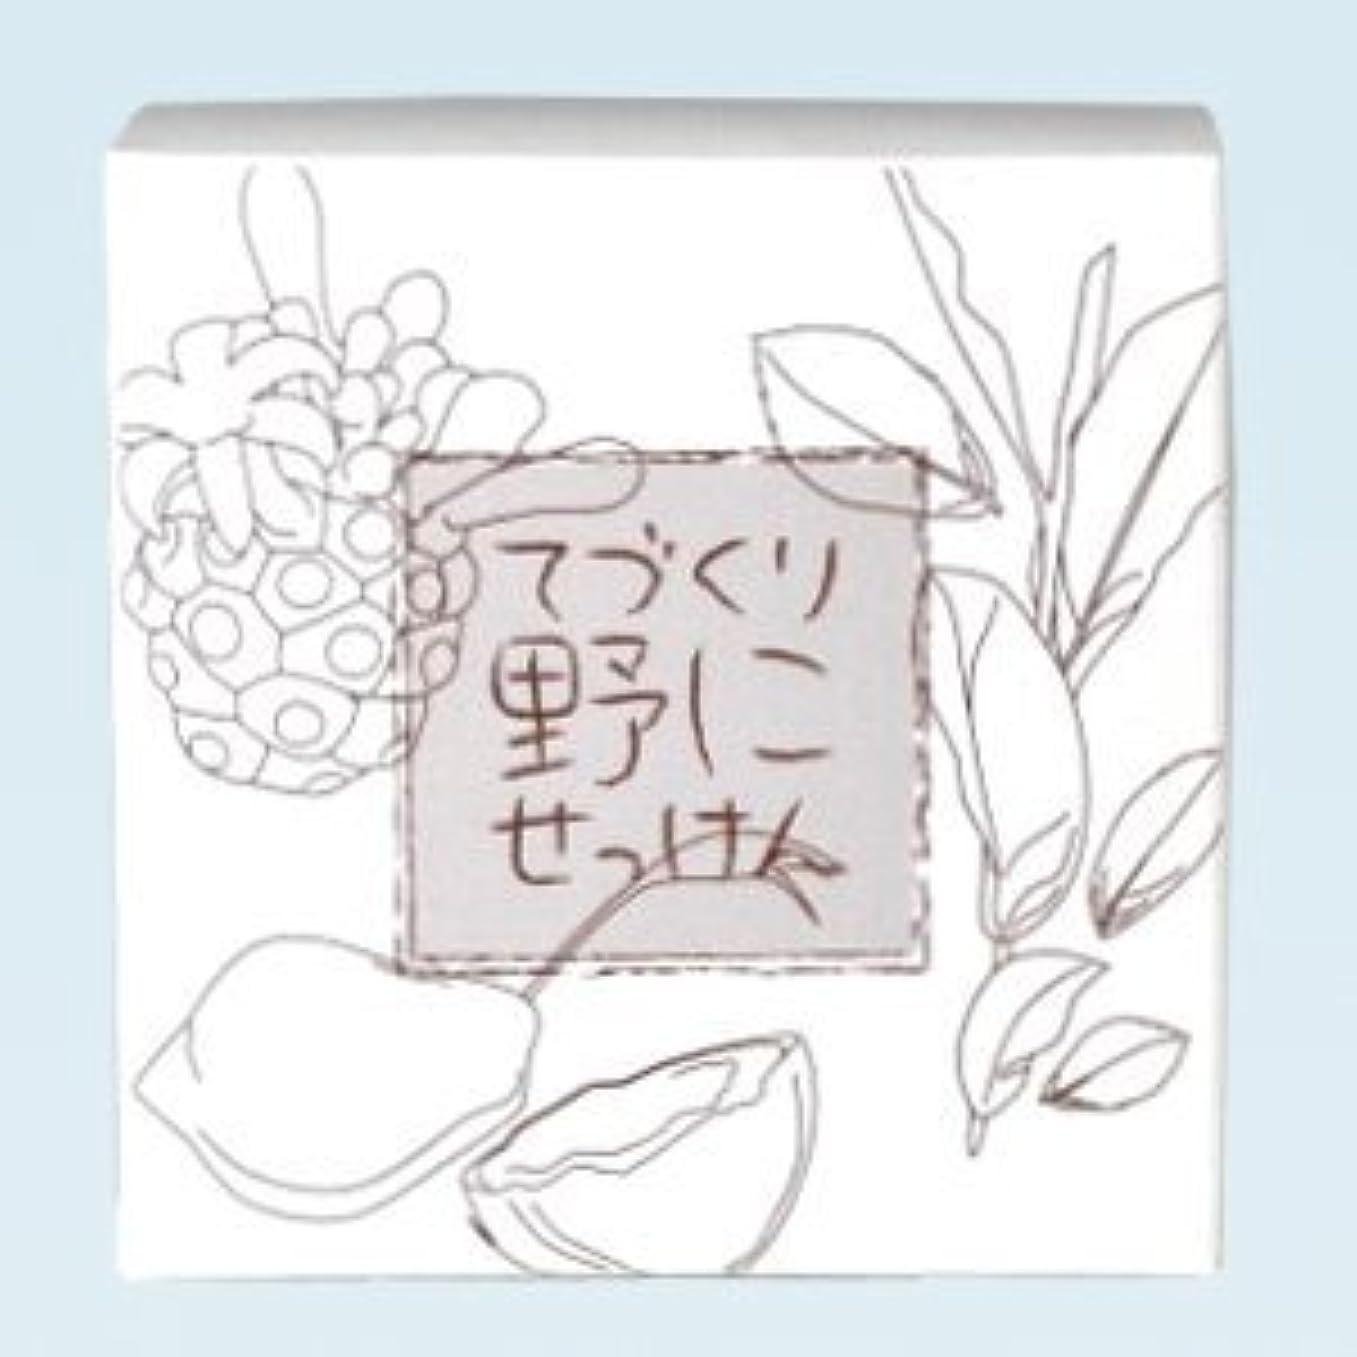 チップストレッチ集める緑茶 ノニ石鹸 てづくり野にせっけん(115g)